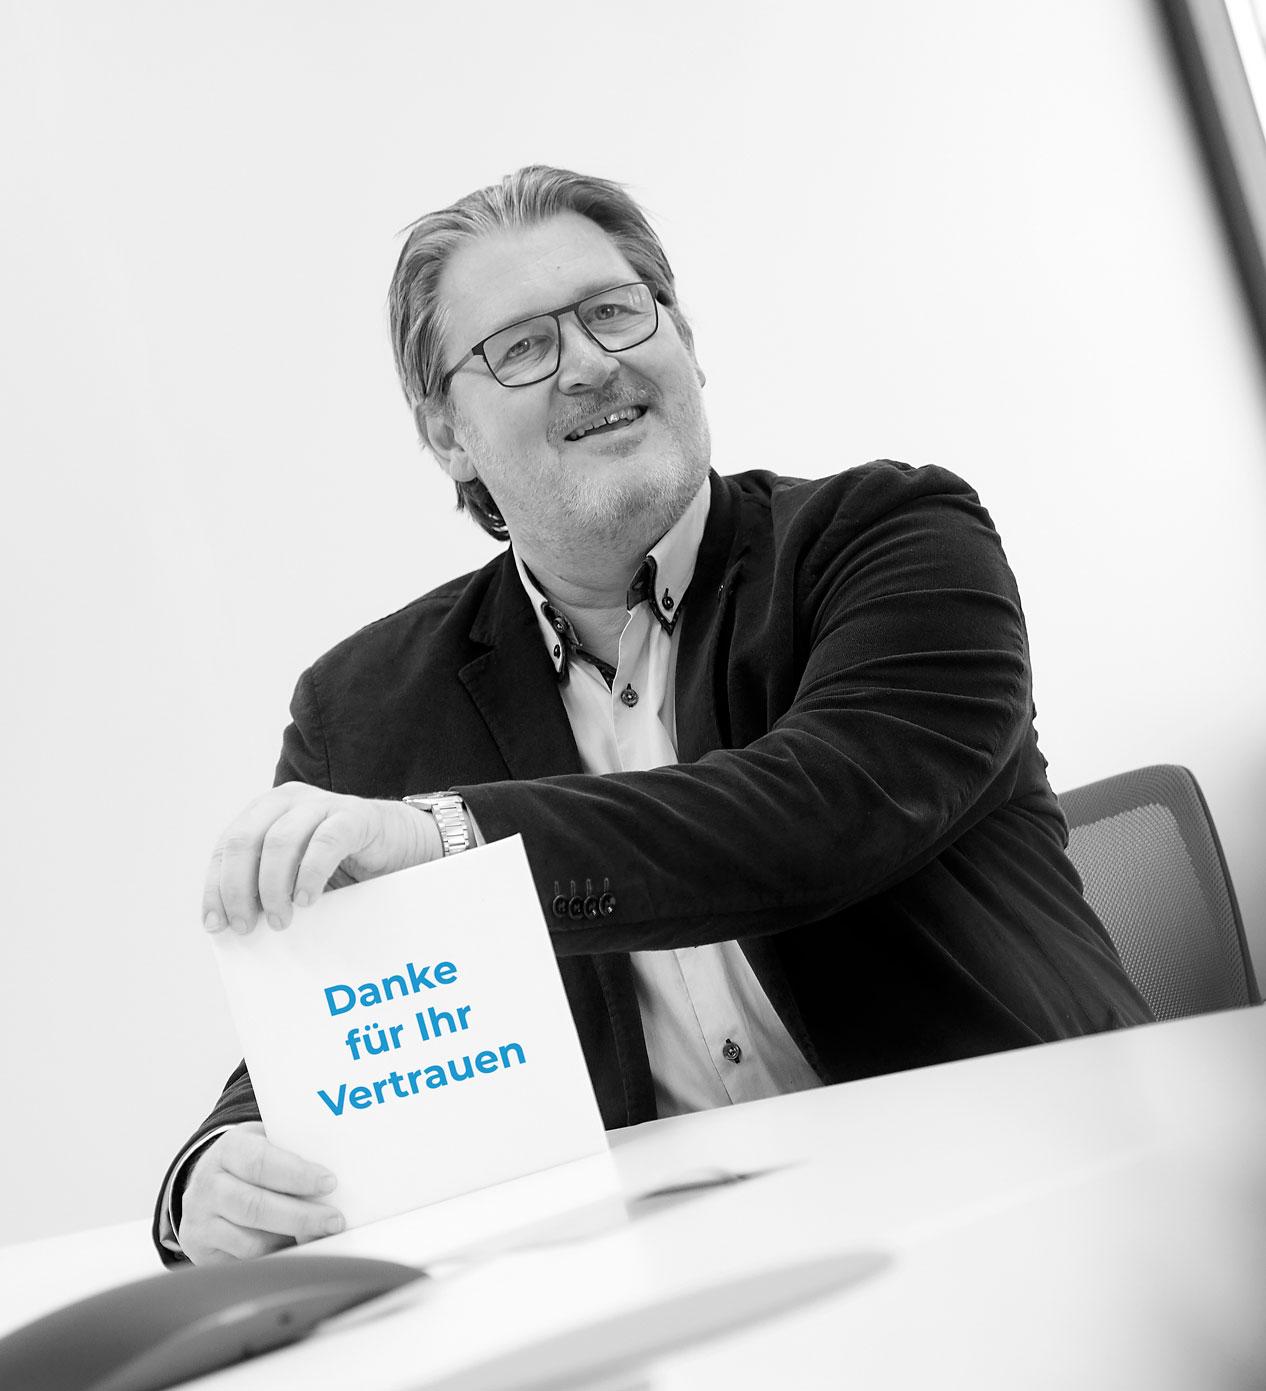 DCConcepts Solutions GmbH in 1220 Wien Referenzen-Peter Bayer, Danke für Ihr Vertrauen